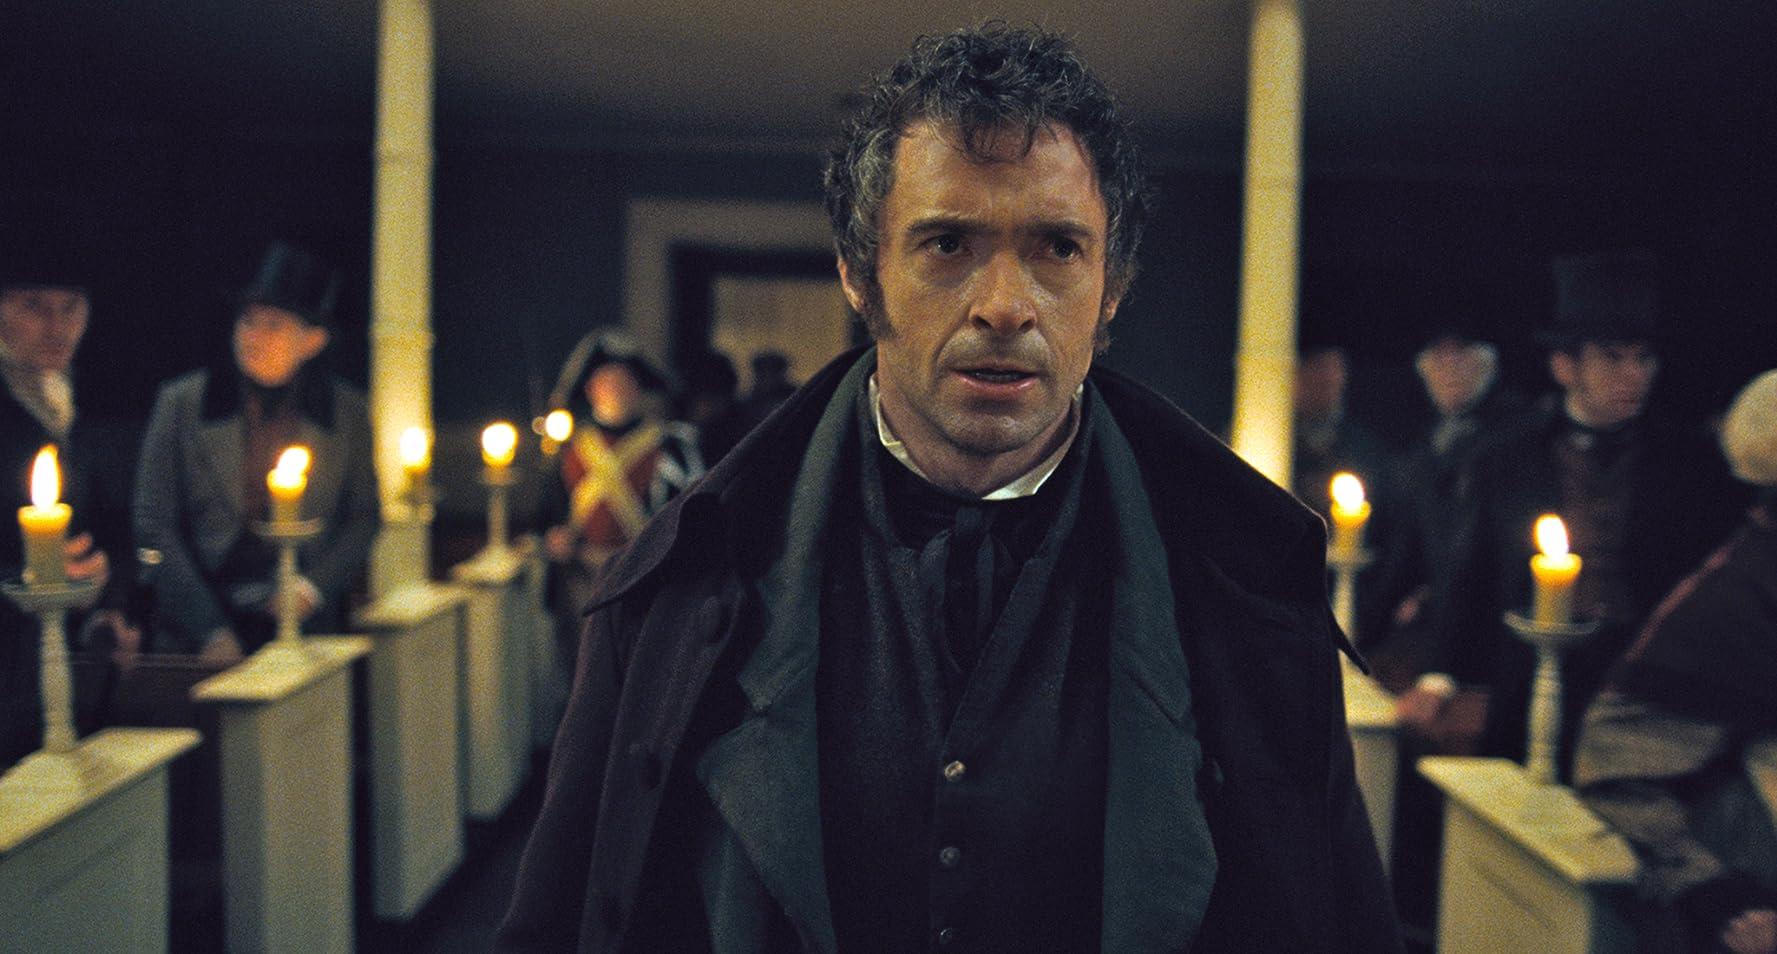 Hugh Jackman in Les Misérables (2012)